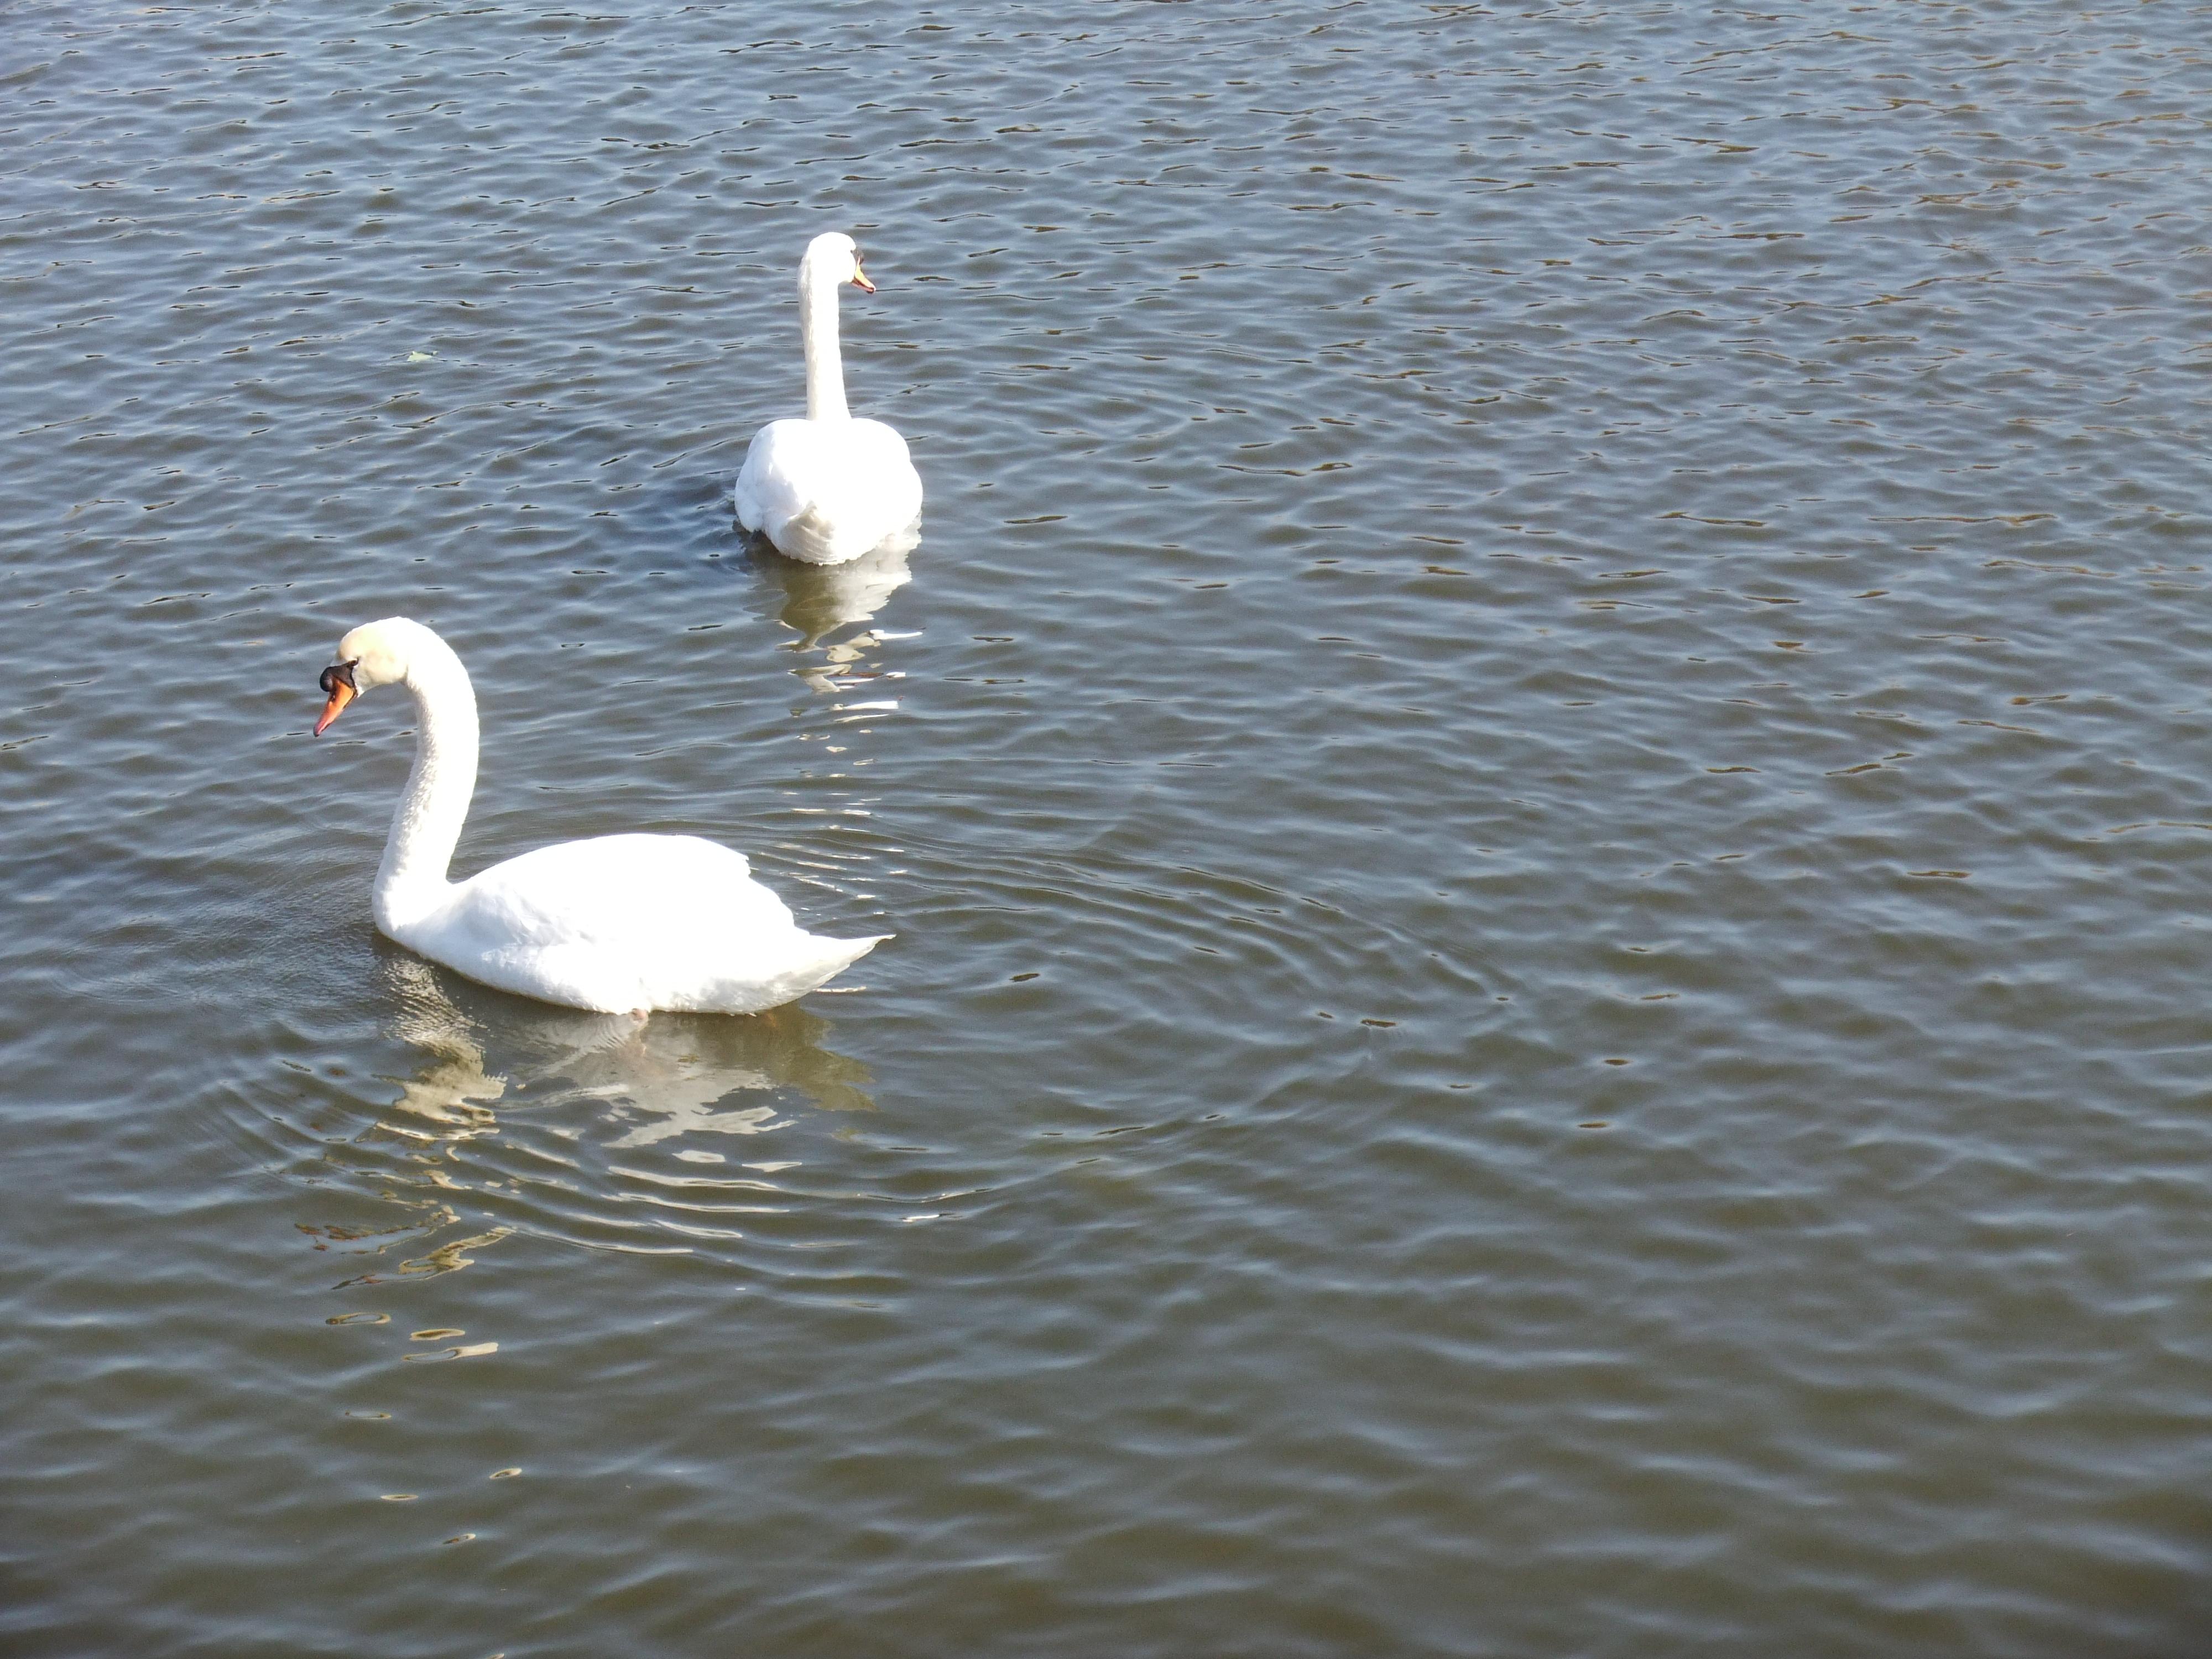 Sur l'eau... tout proches... deux cygnes glissent ...chacun de leur côté...